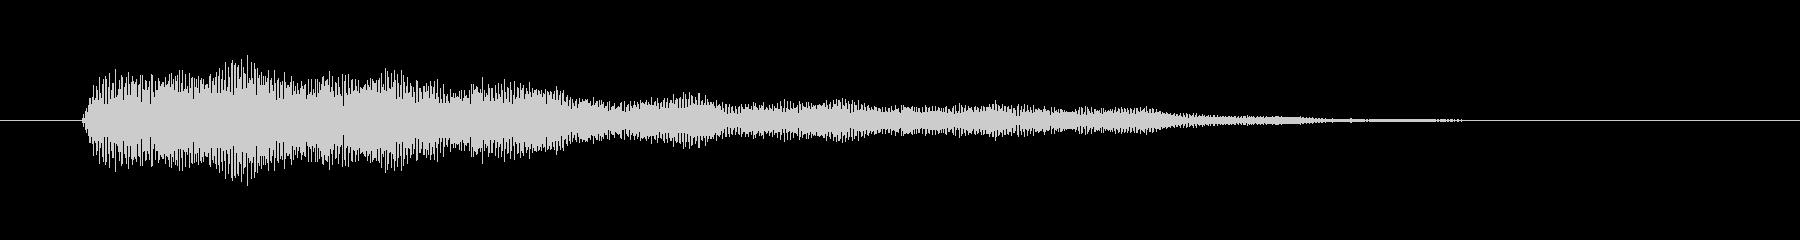 シャーーーン(ワープ、宇宙)の未再生の波形